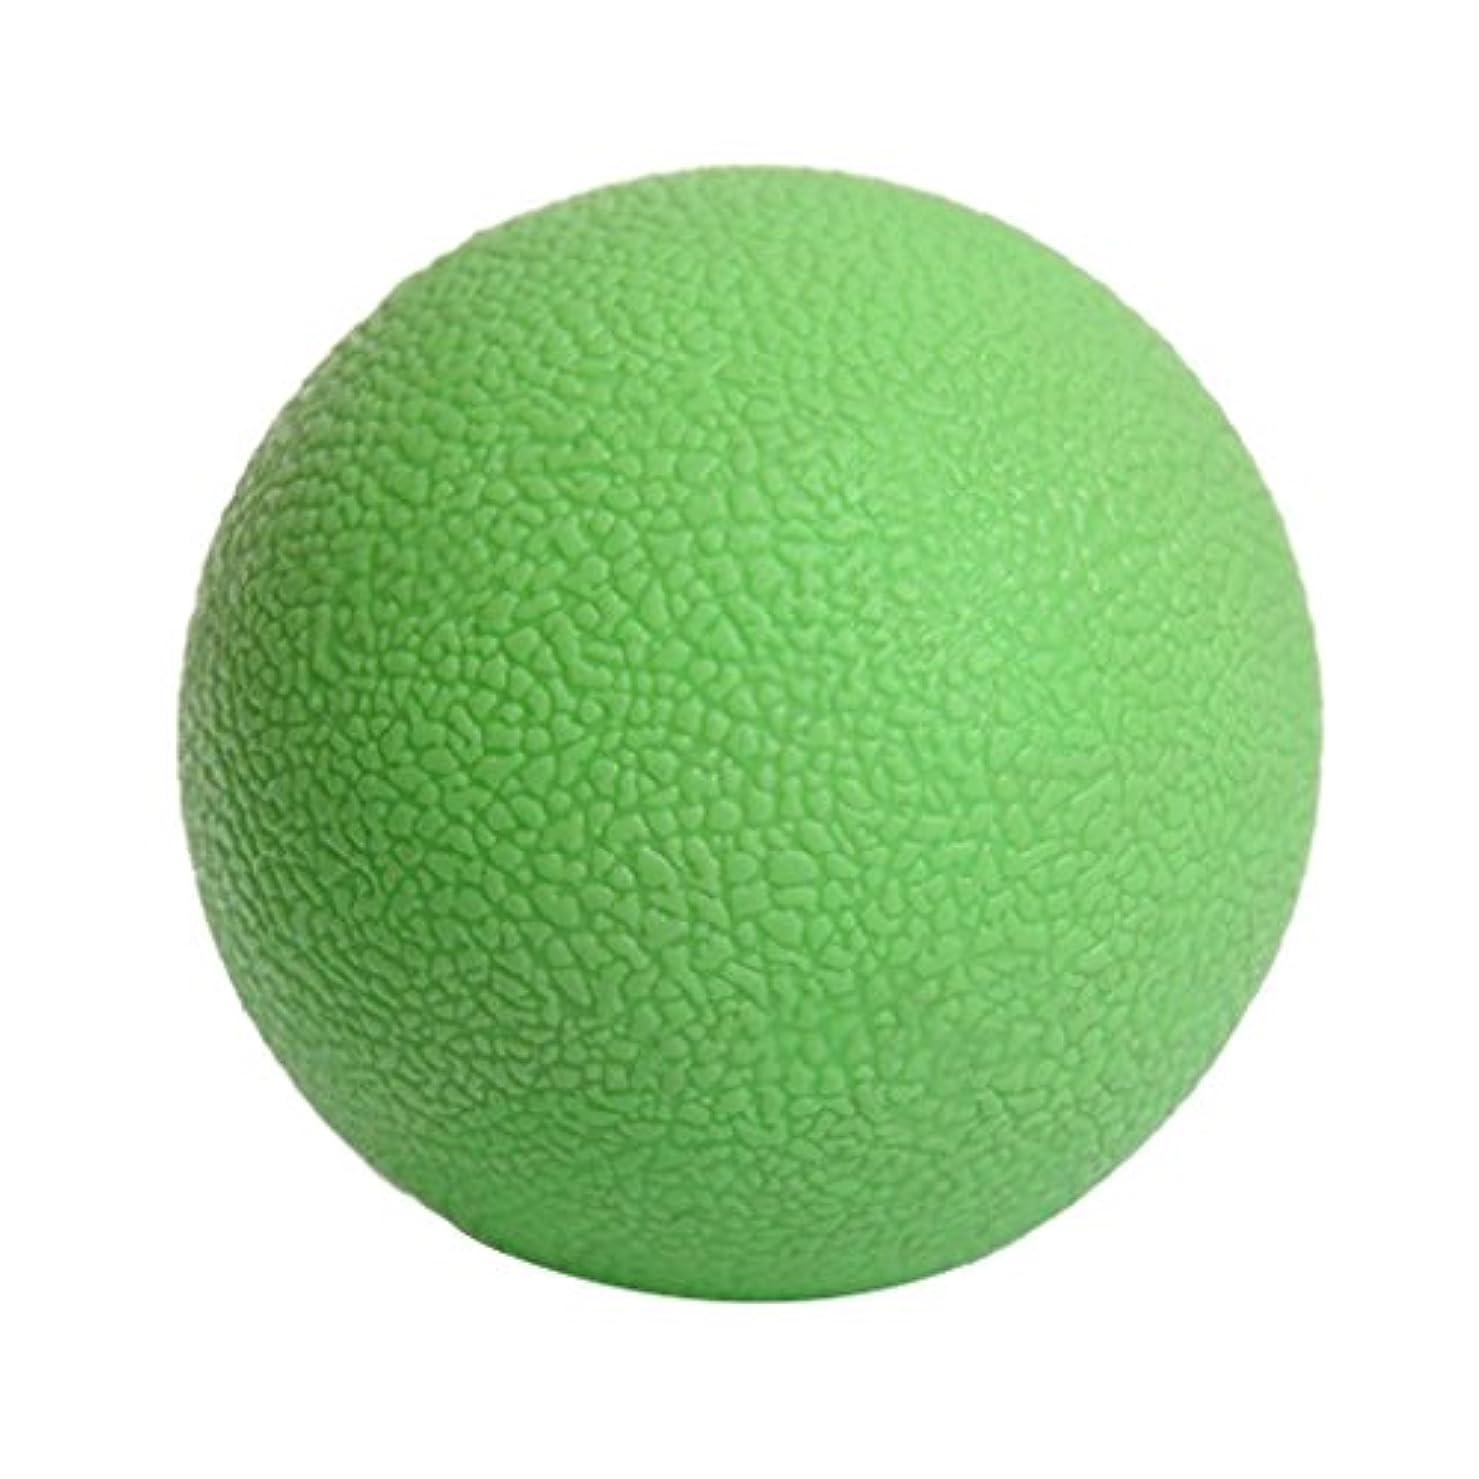 熱望する放置からに変化するKesoto マッサージボール ジムフィットネス 筋肉マッサージ ボール トリガーポイント 4色選べる - 緑